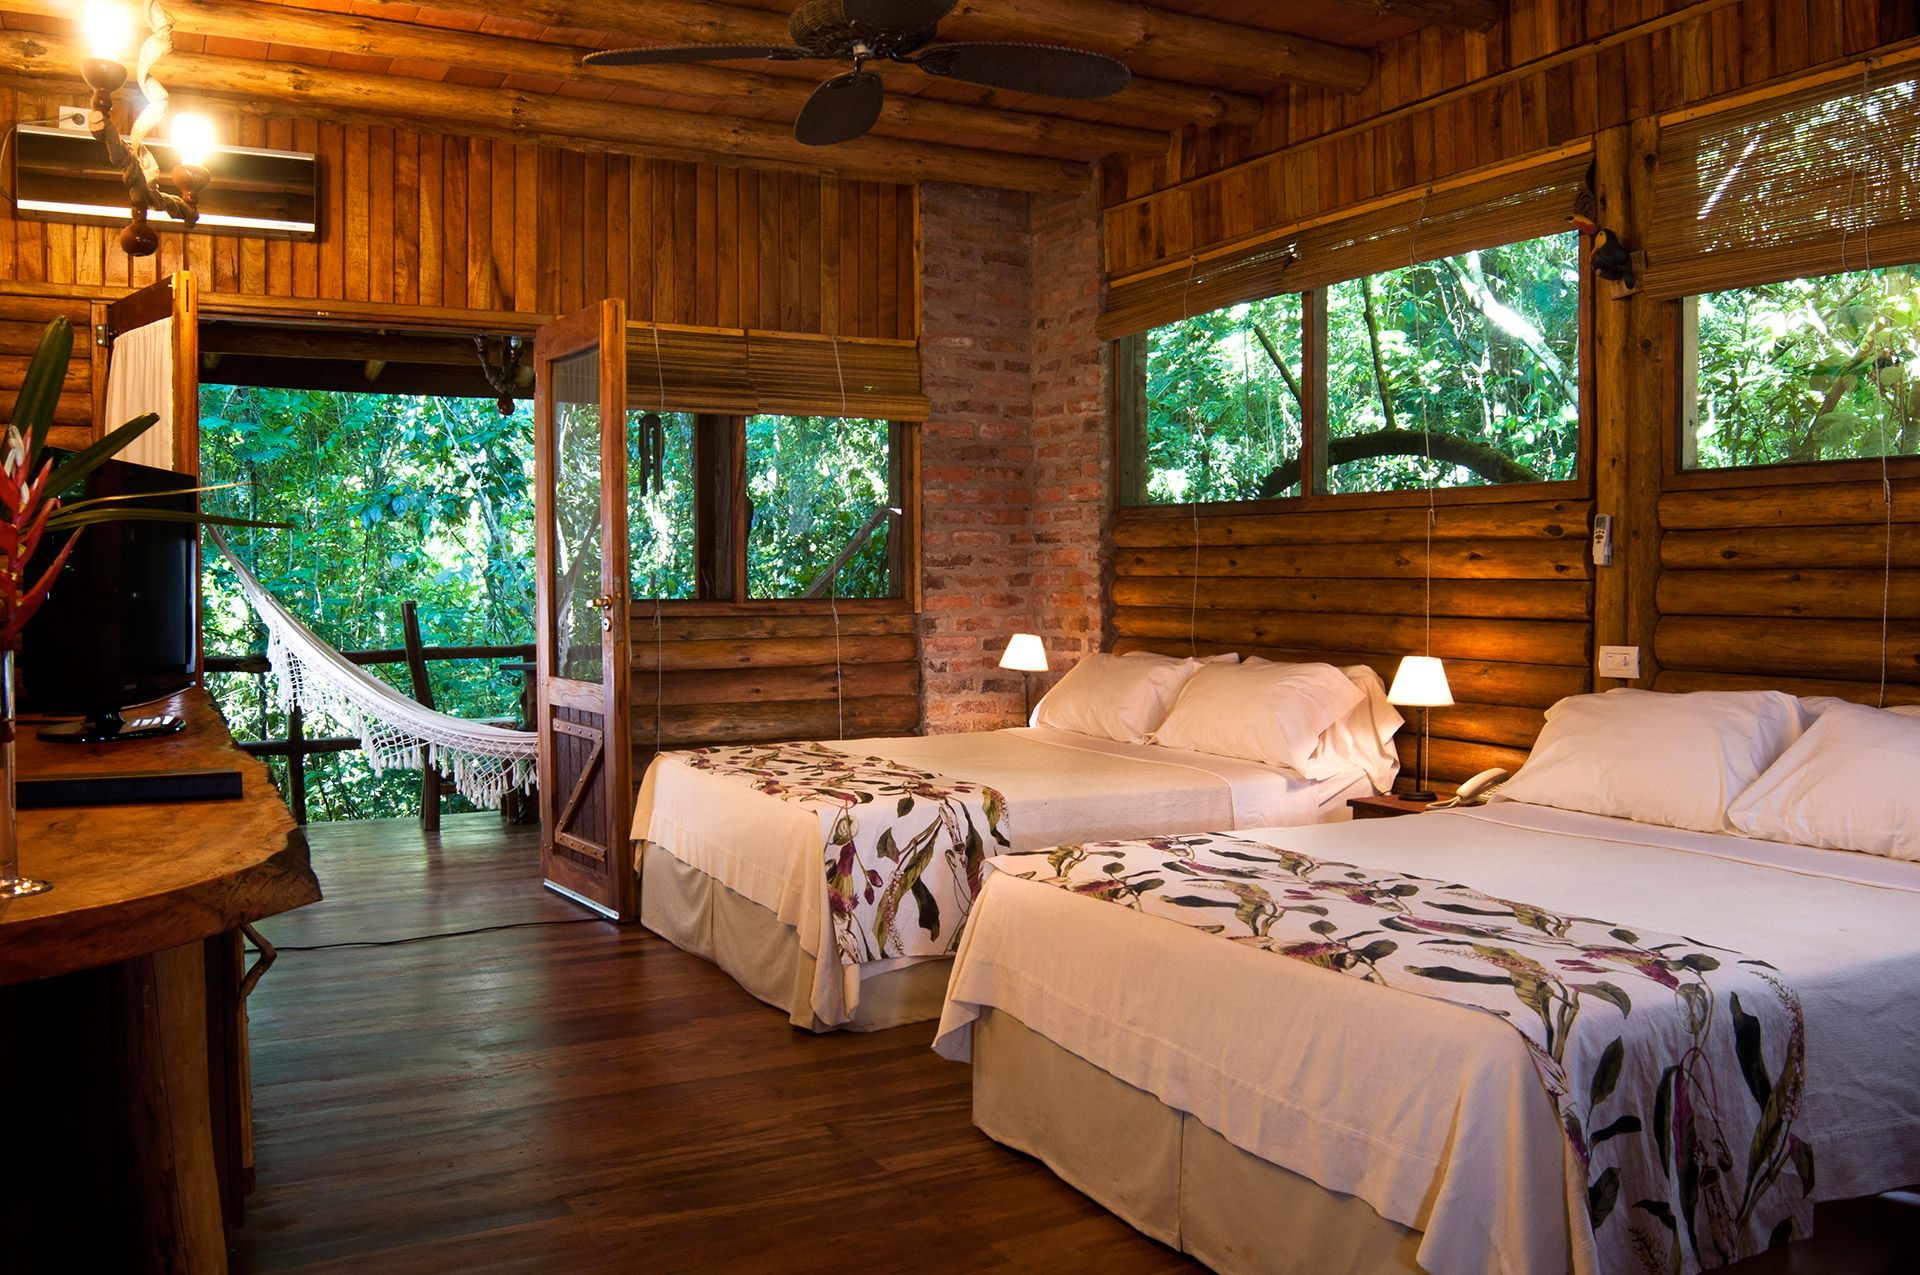 balcon en medio de la selva - Buscar con Google